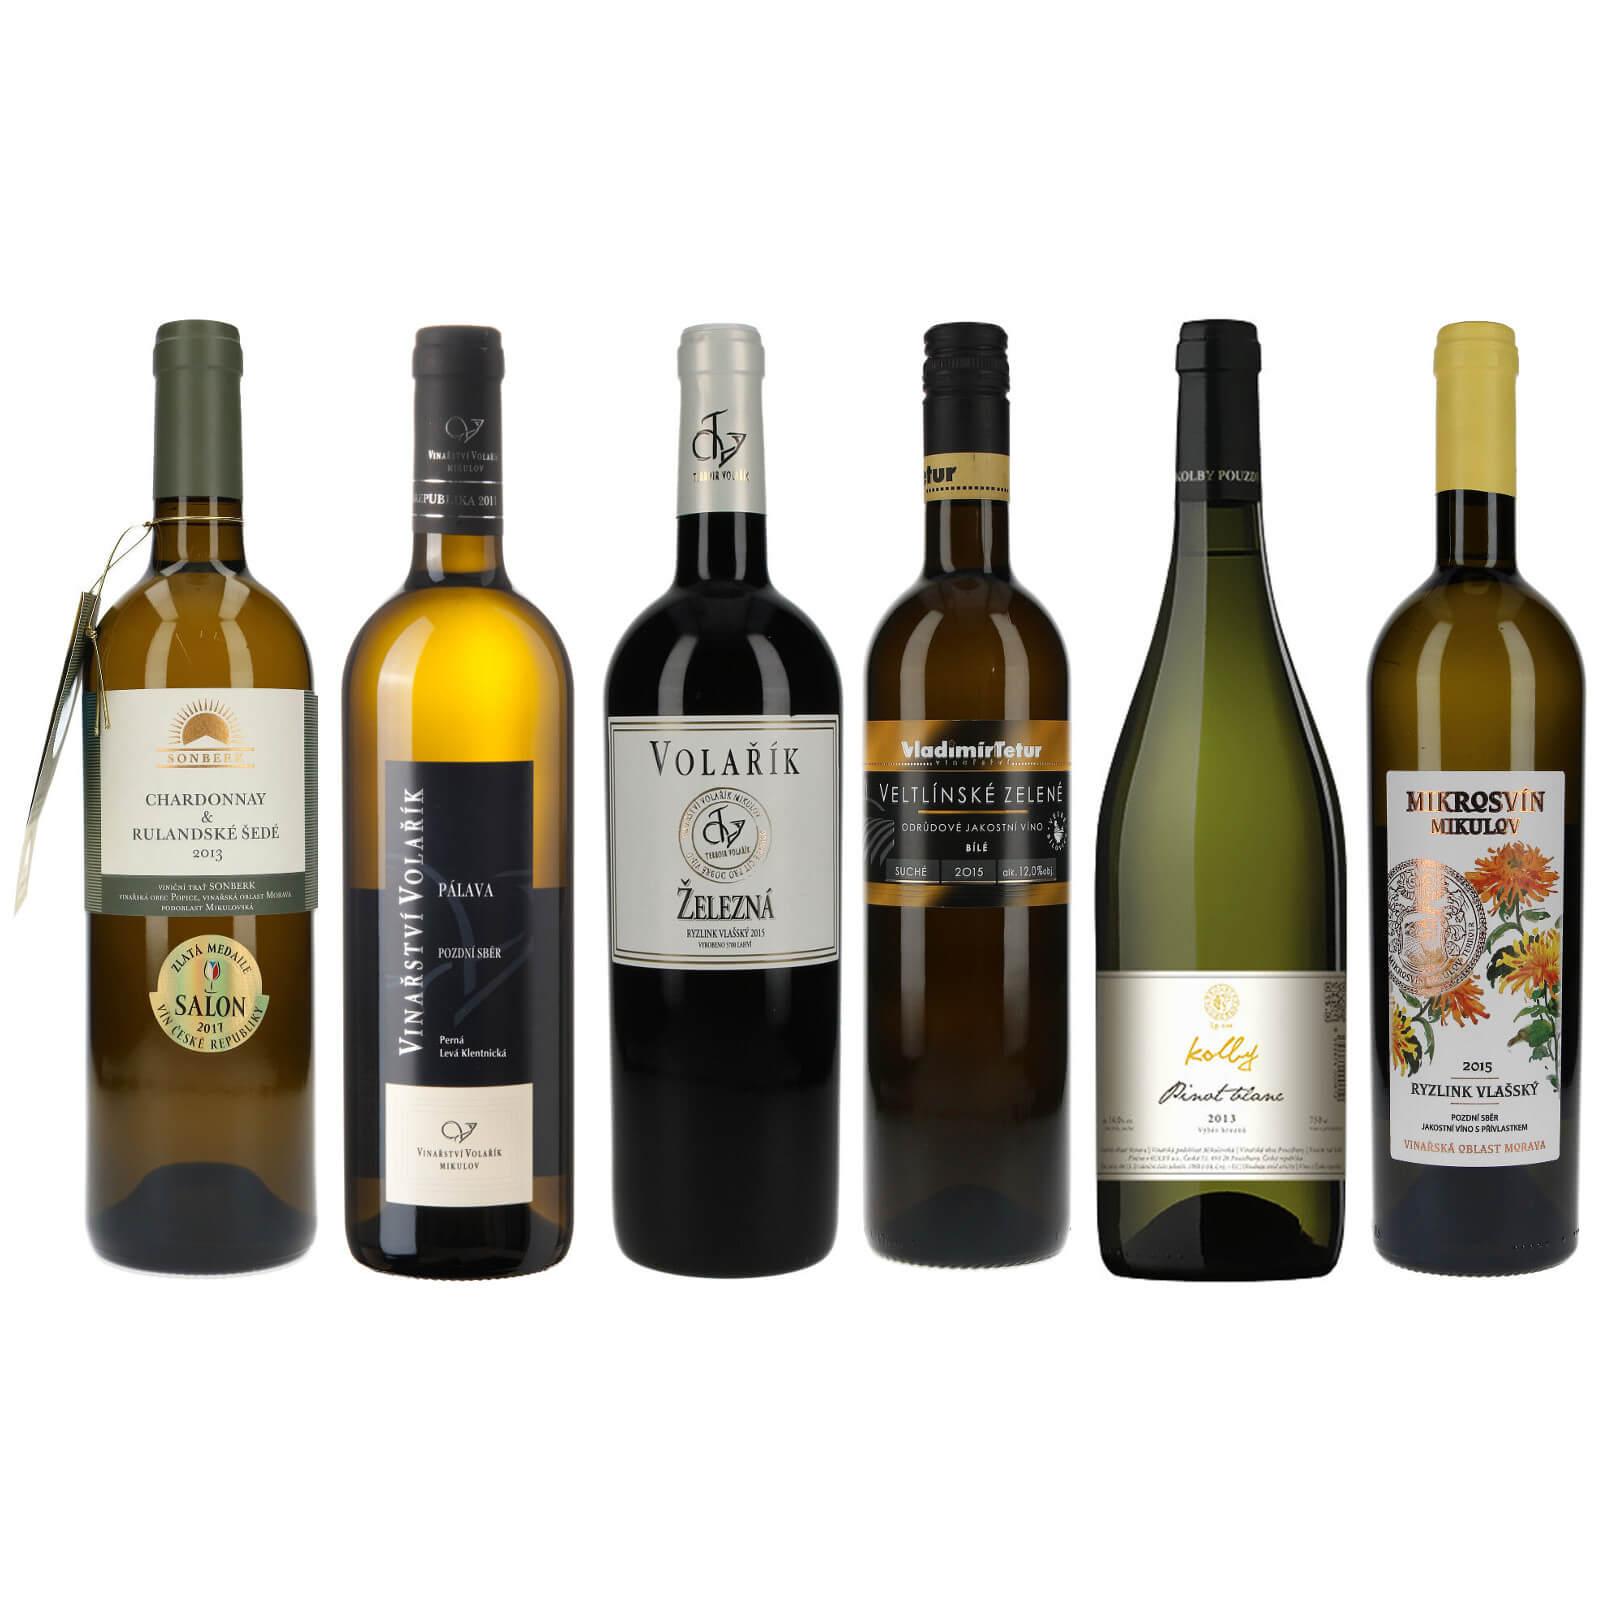 Kolekce bílá Salon vín - Zlatí medailisté